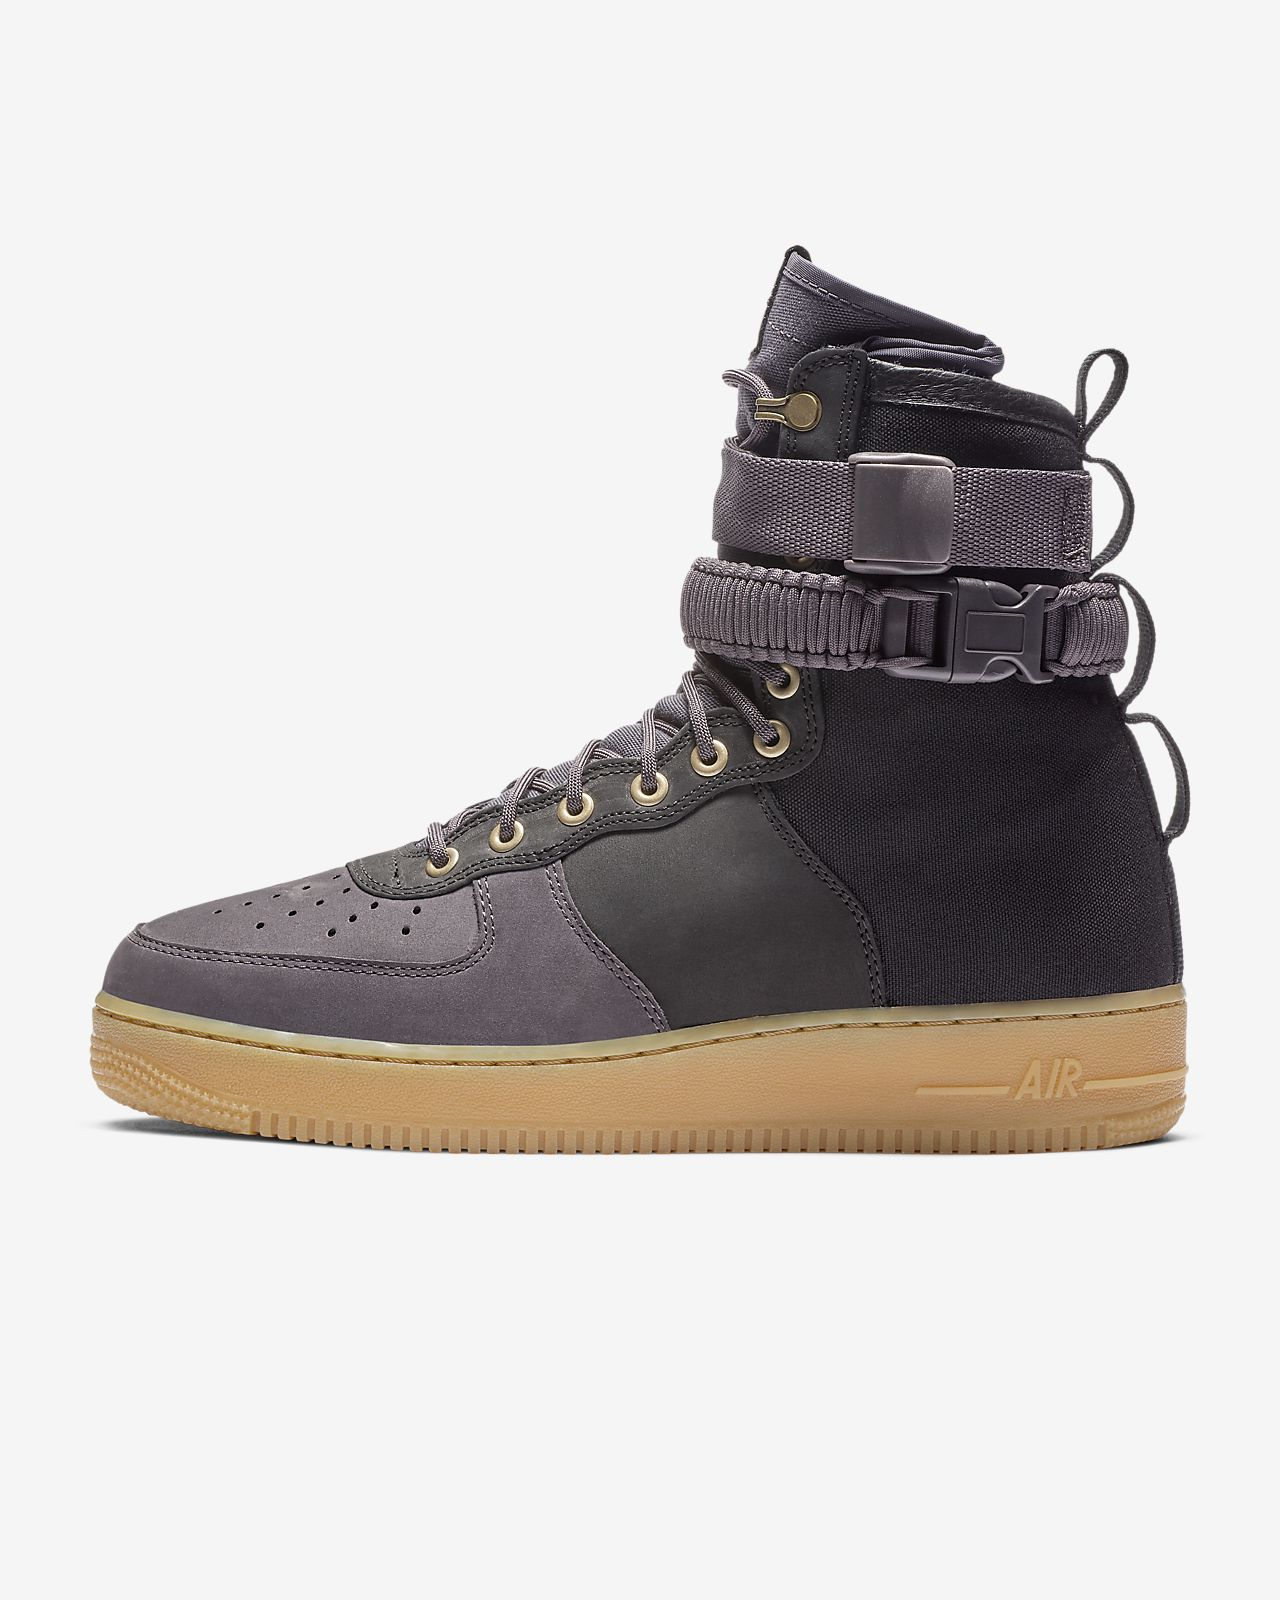 Nike SF Air Force 1 Premium herresko